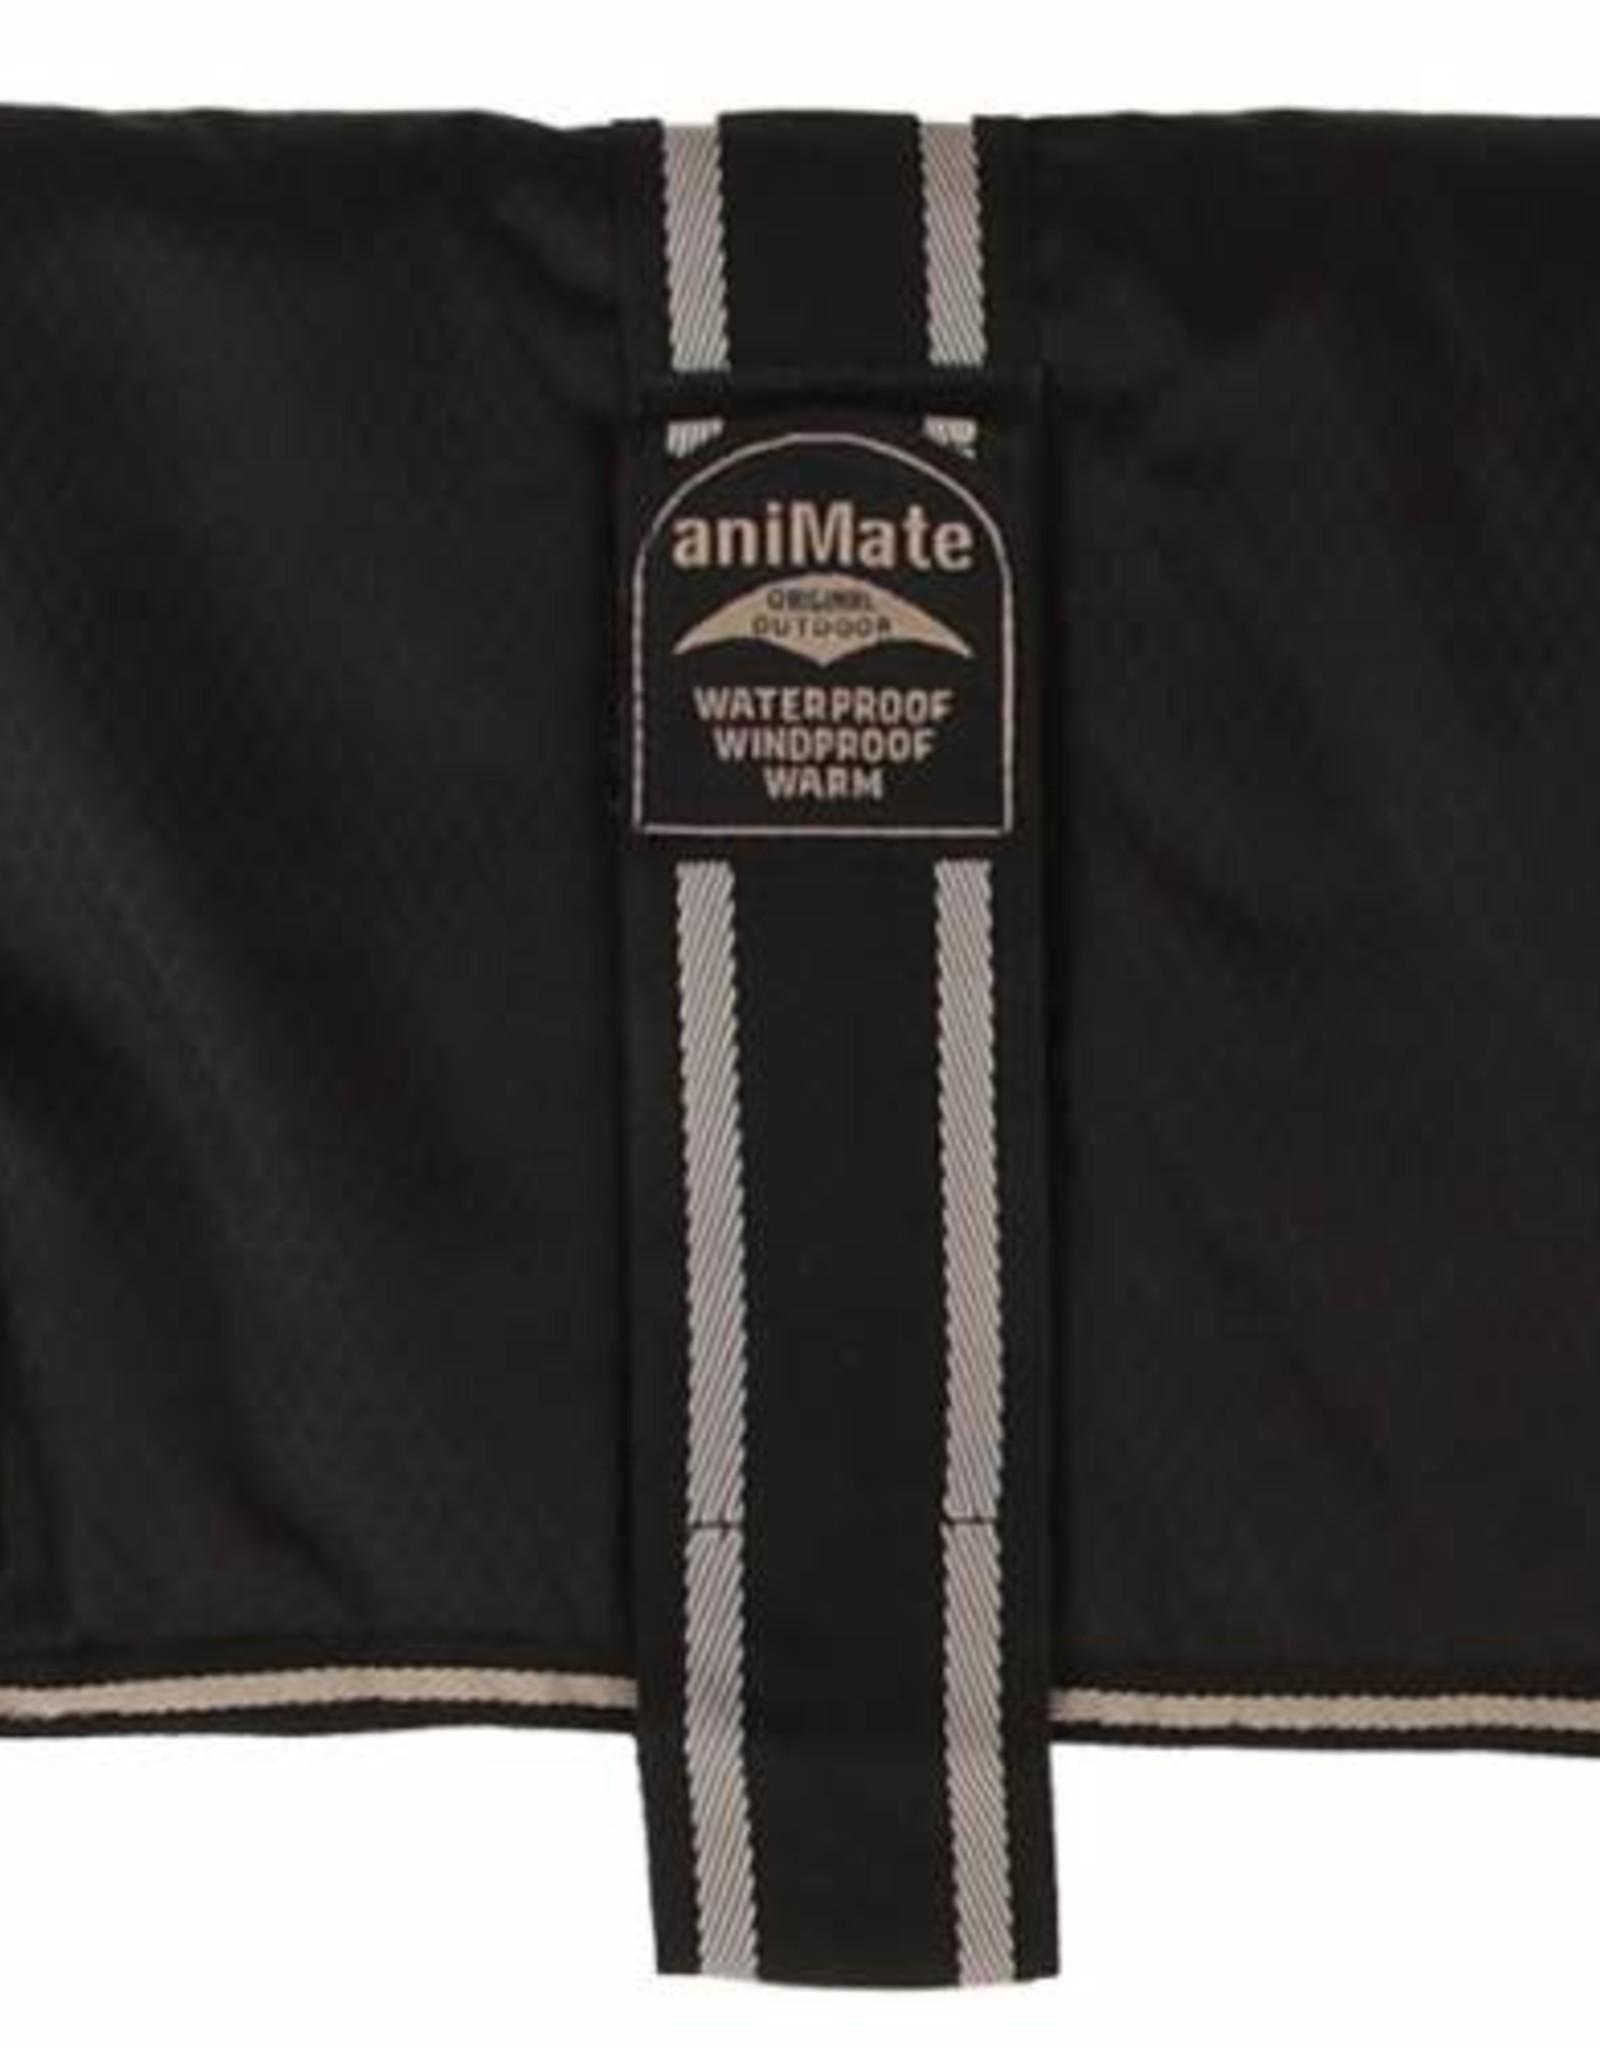 Animate Breathe Comfort Padded Black Dog Coat